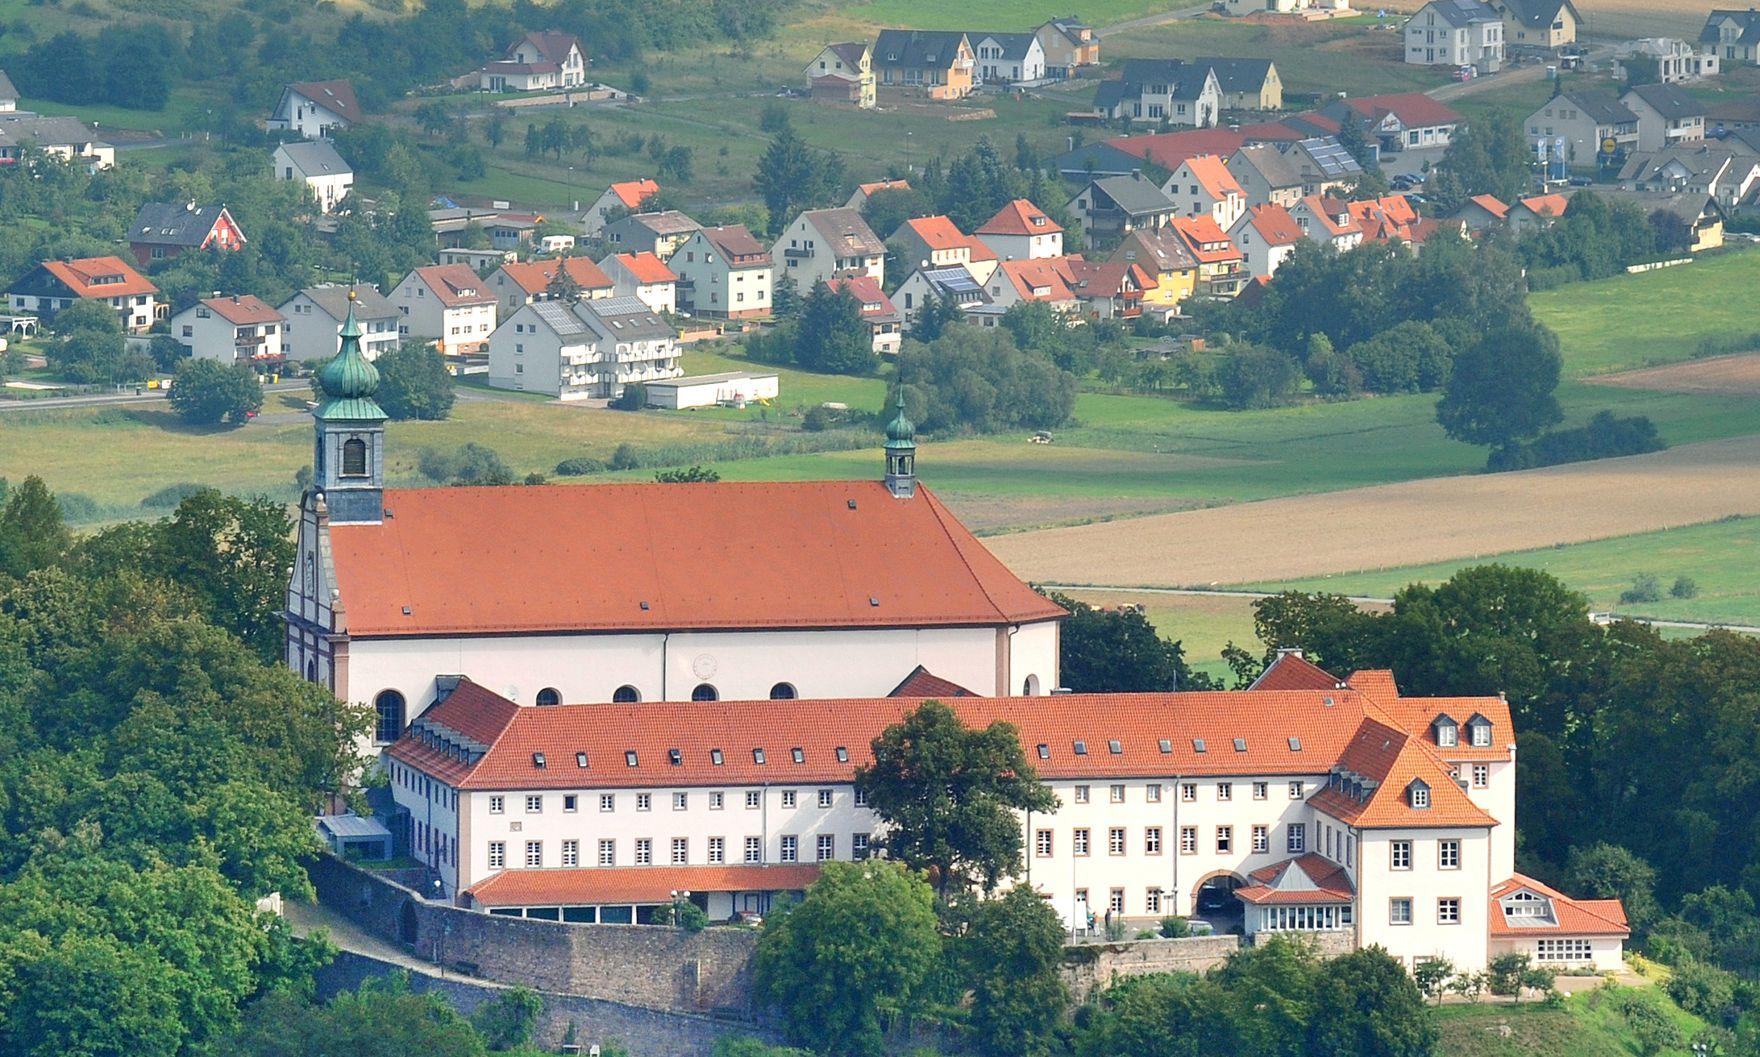 Kloster Frauenberg